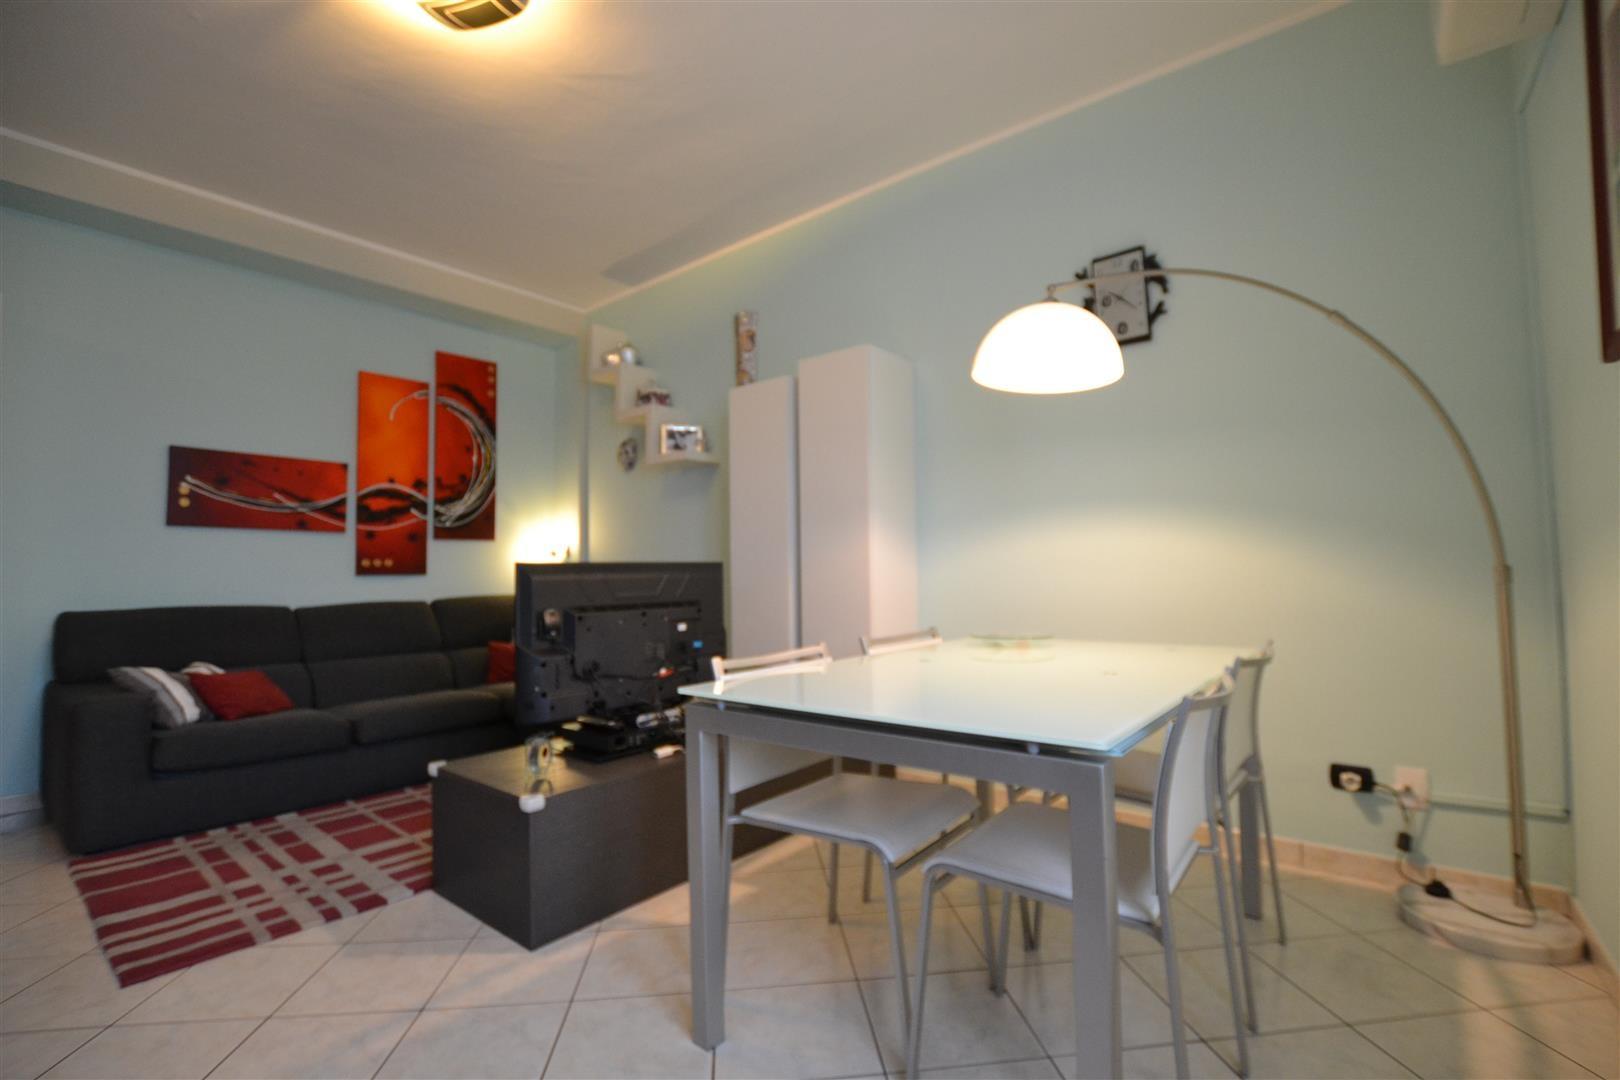 Cologno Monzese | Appartamento in Vendita in corso roma | lacasadimilano.it